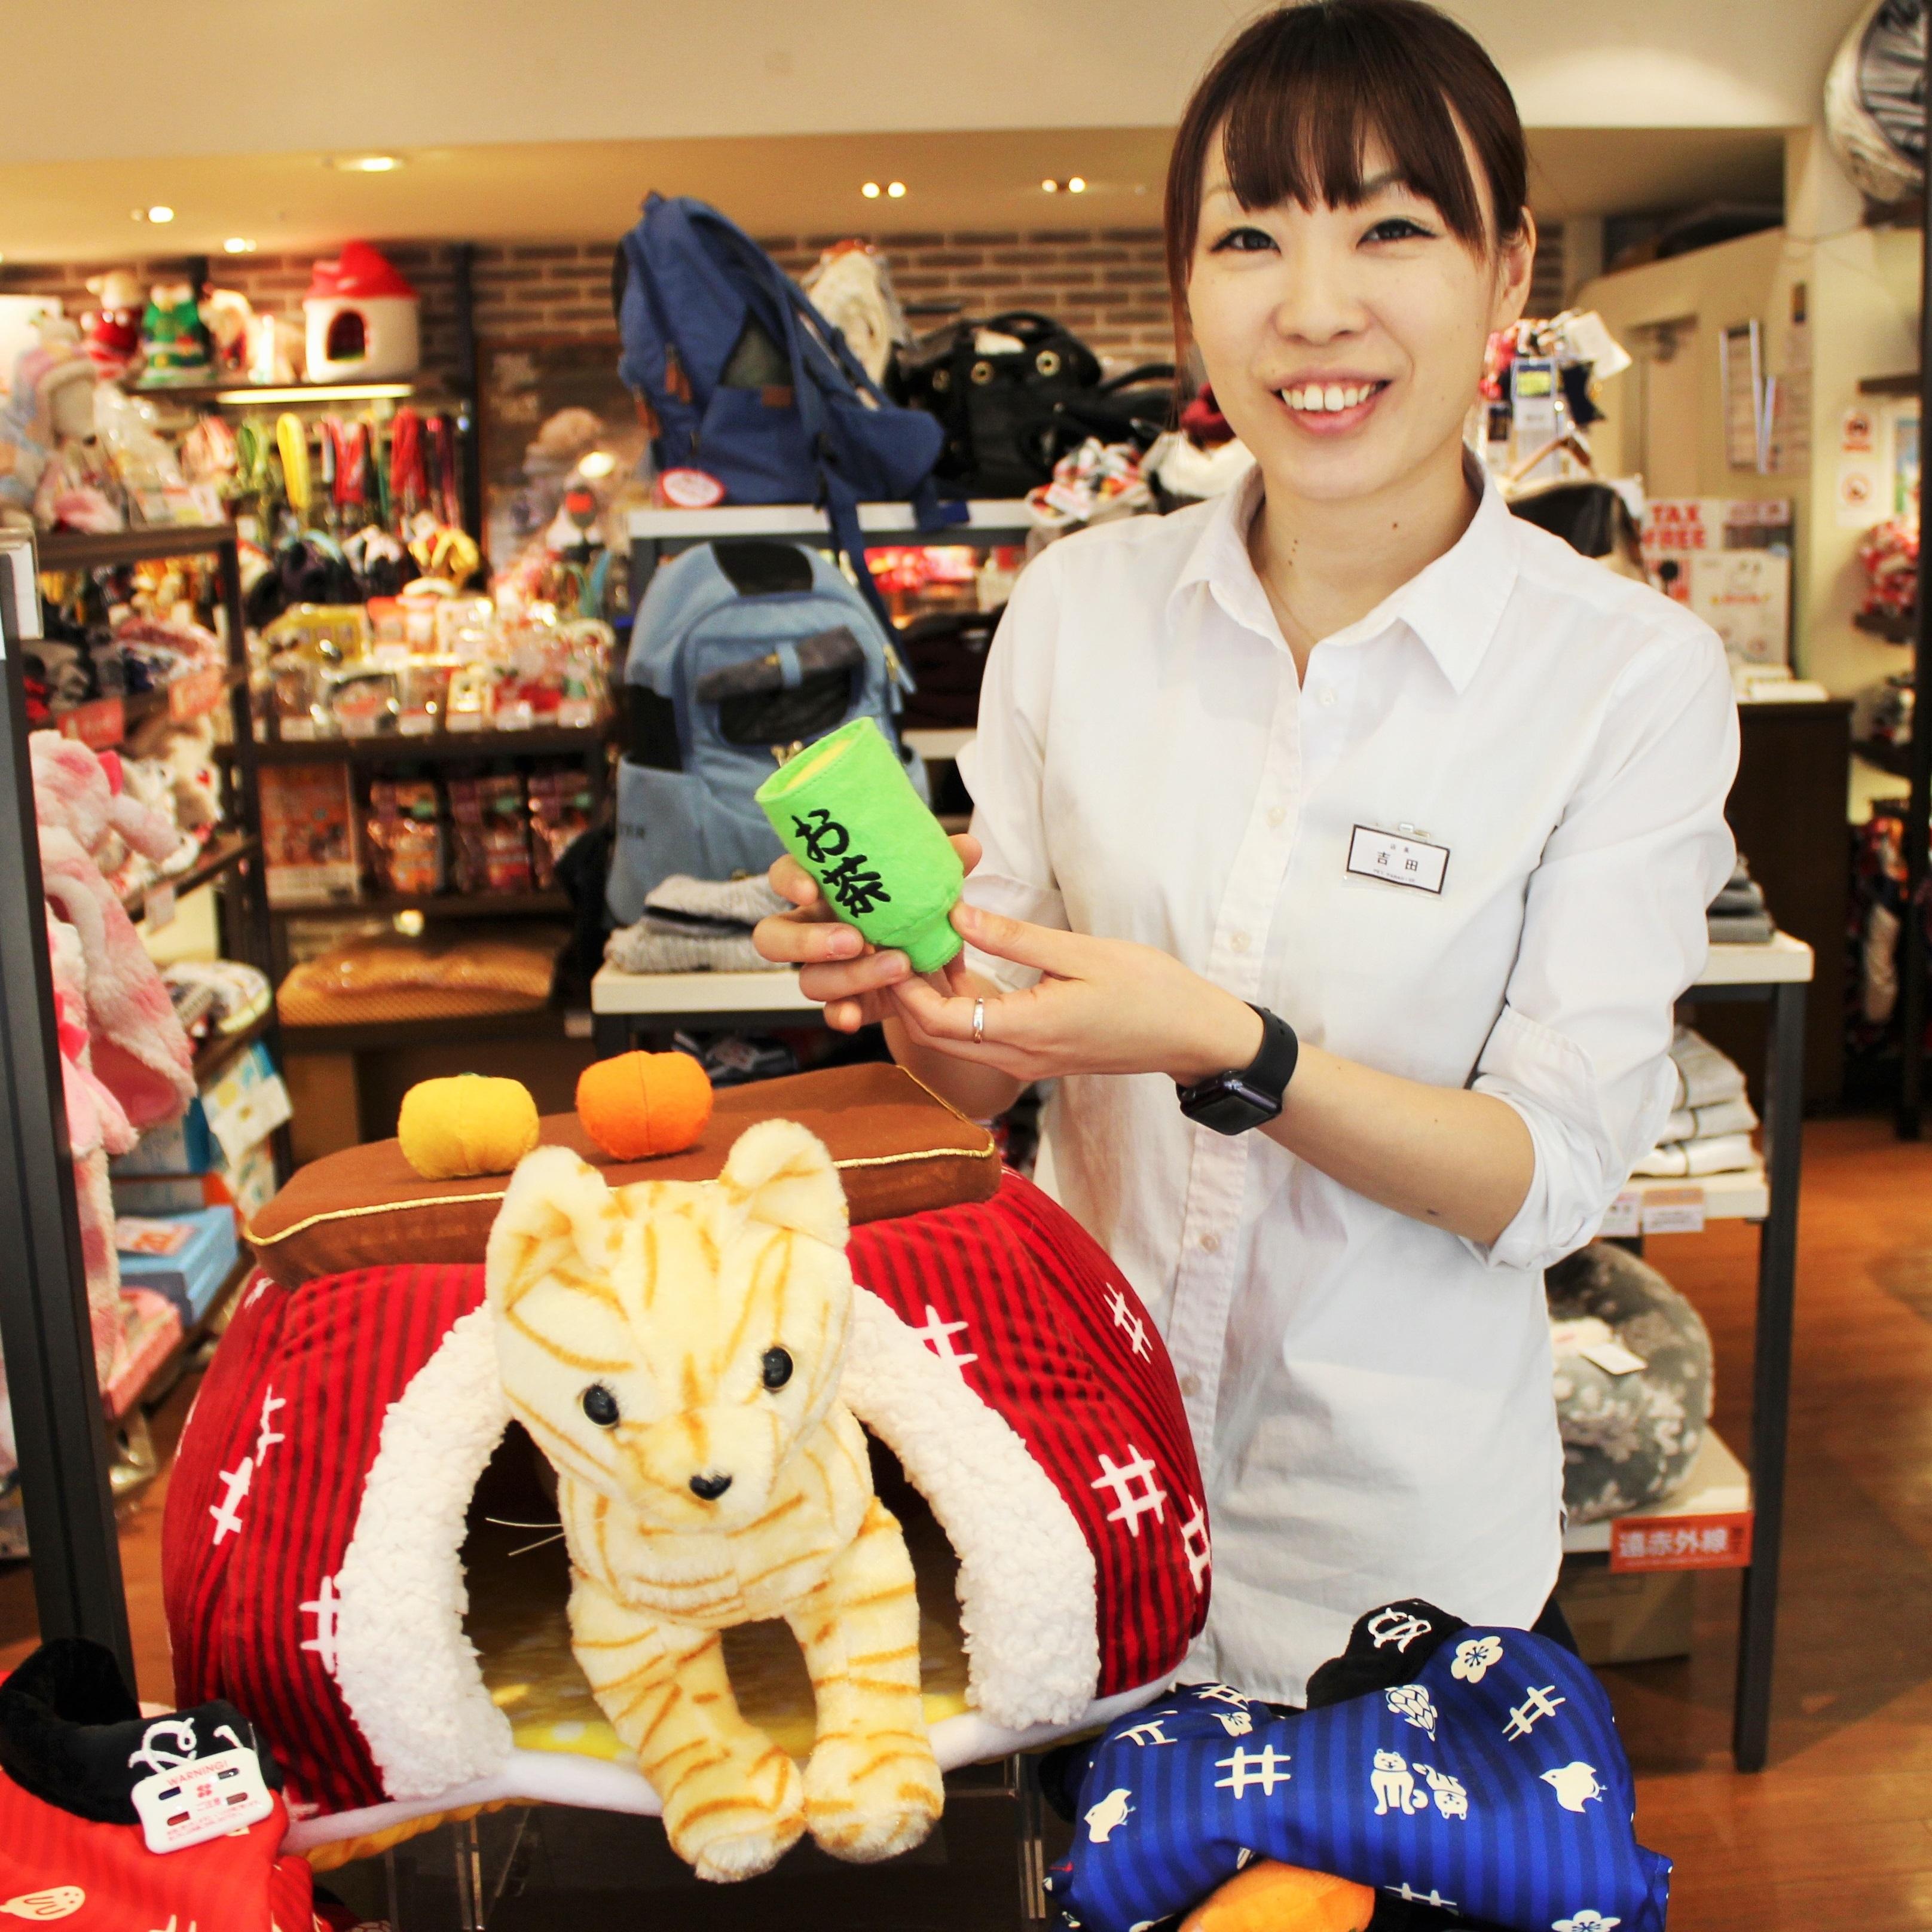 「ペットパラダイス」    新宿サブナード店 店長 吉田さん